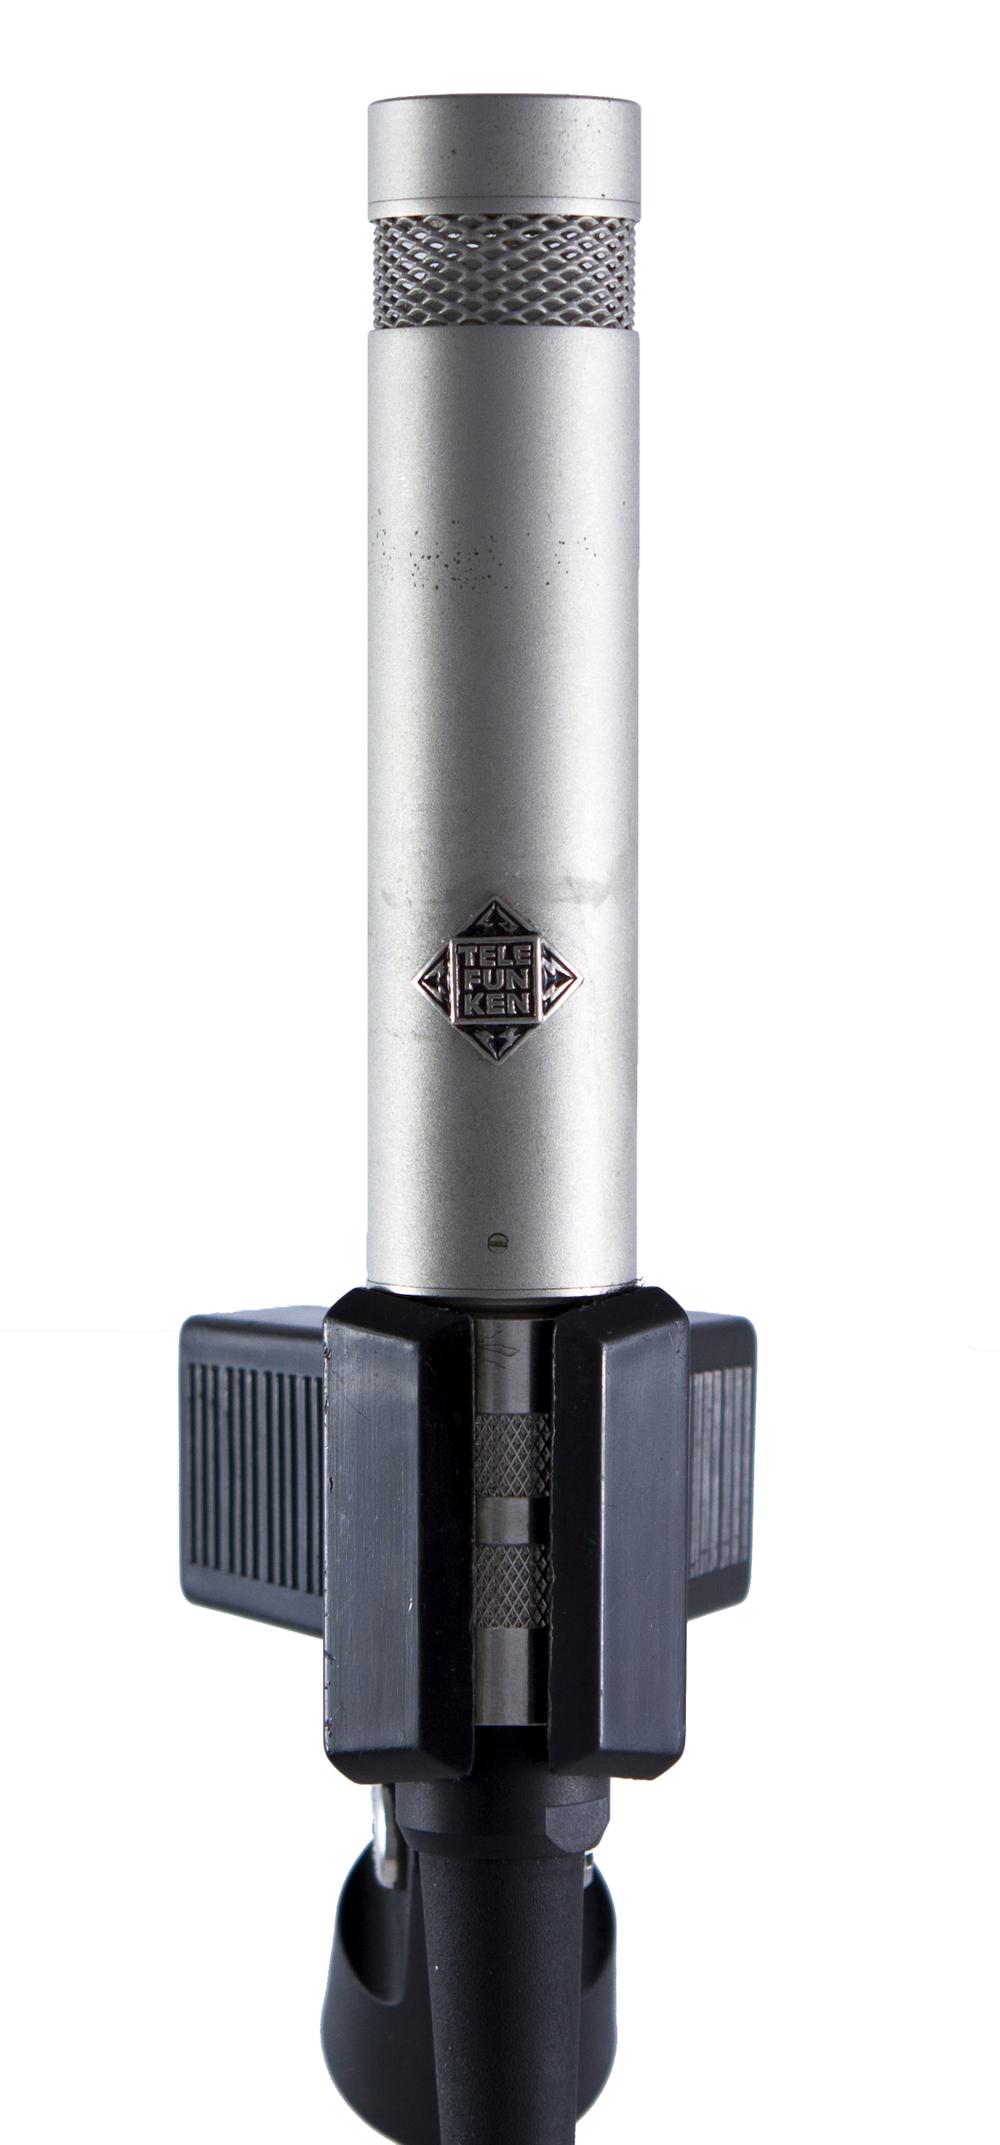 Telefunken M280 N.jpg